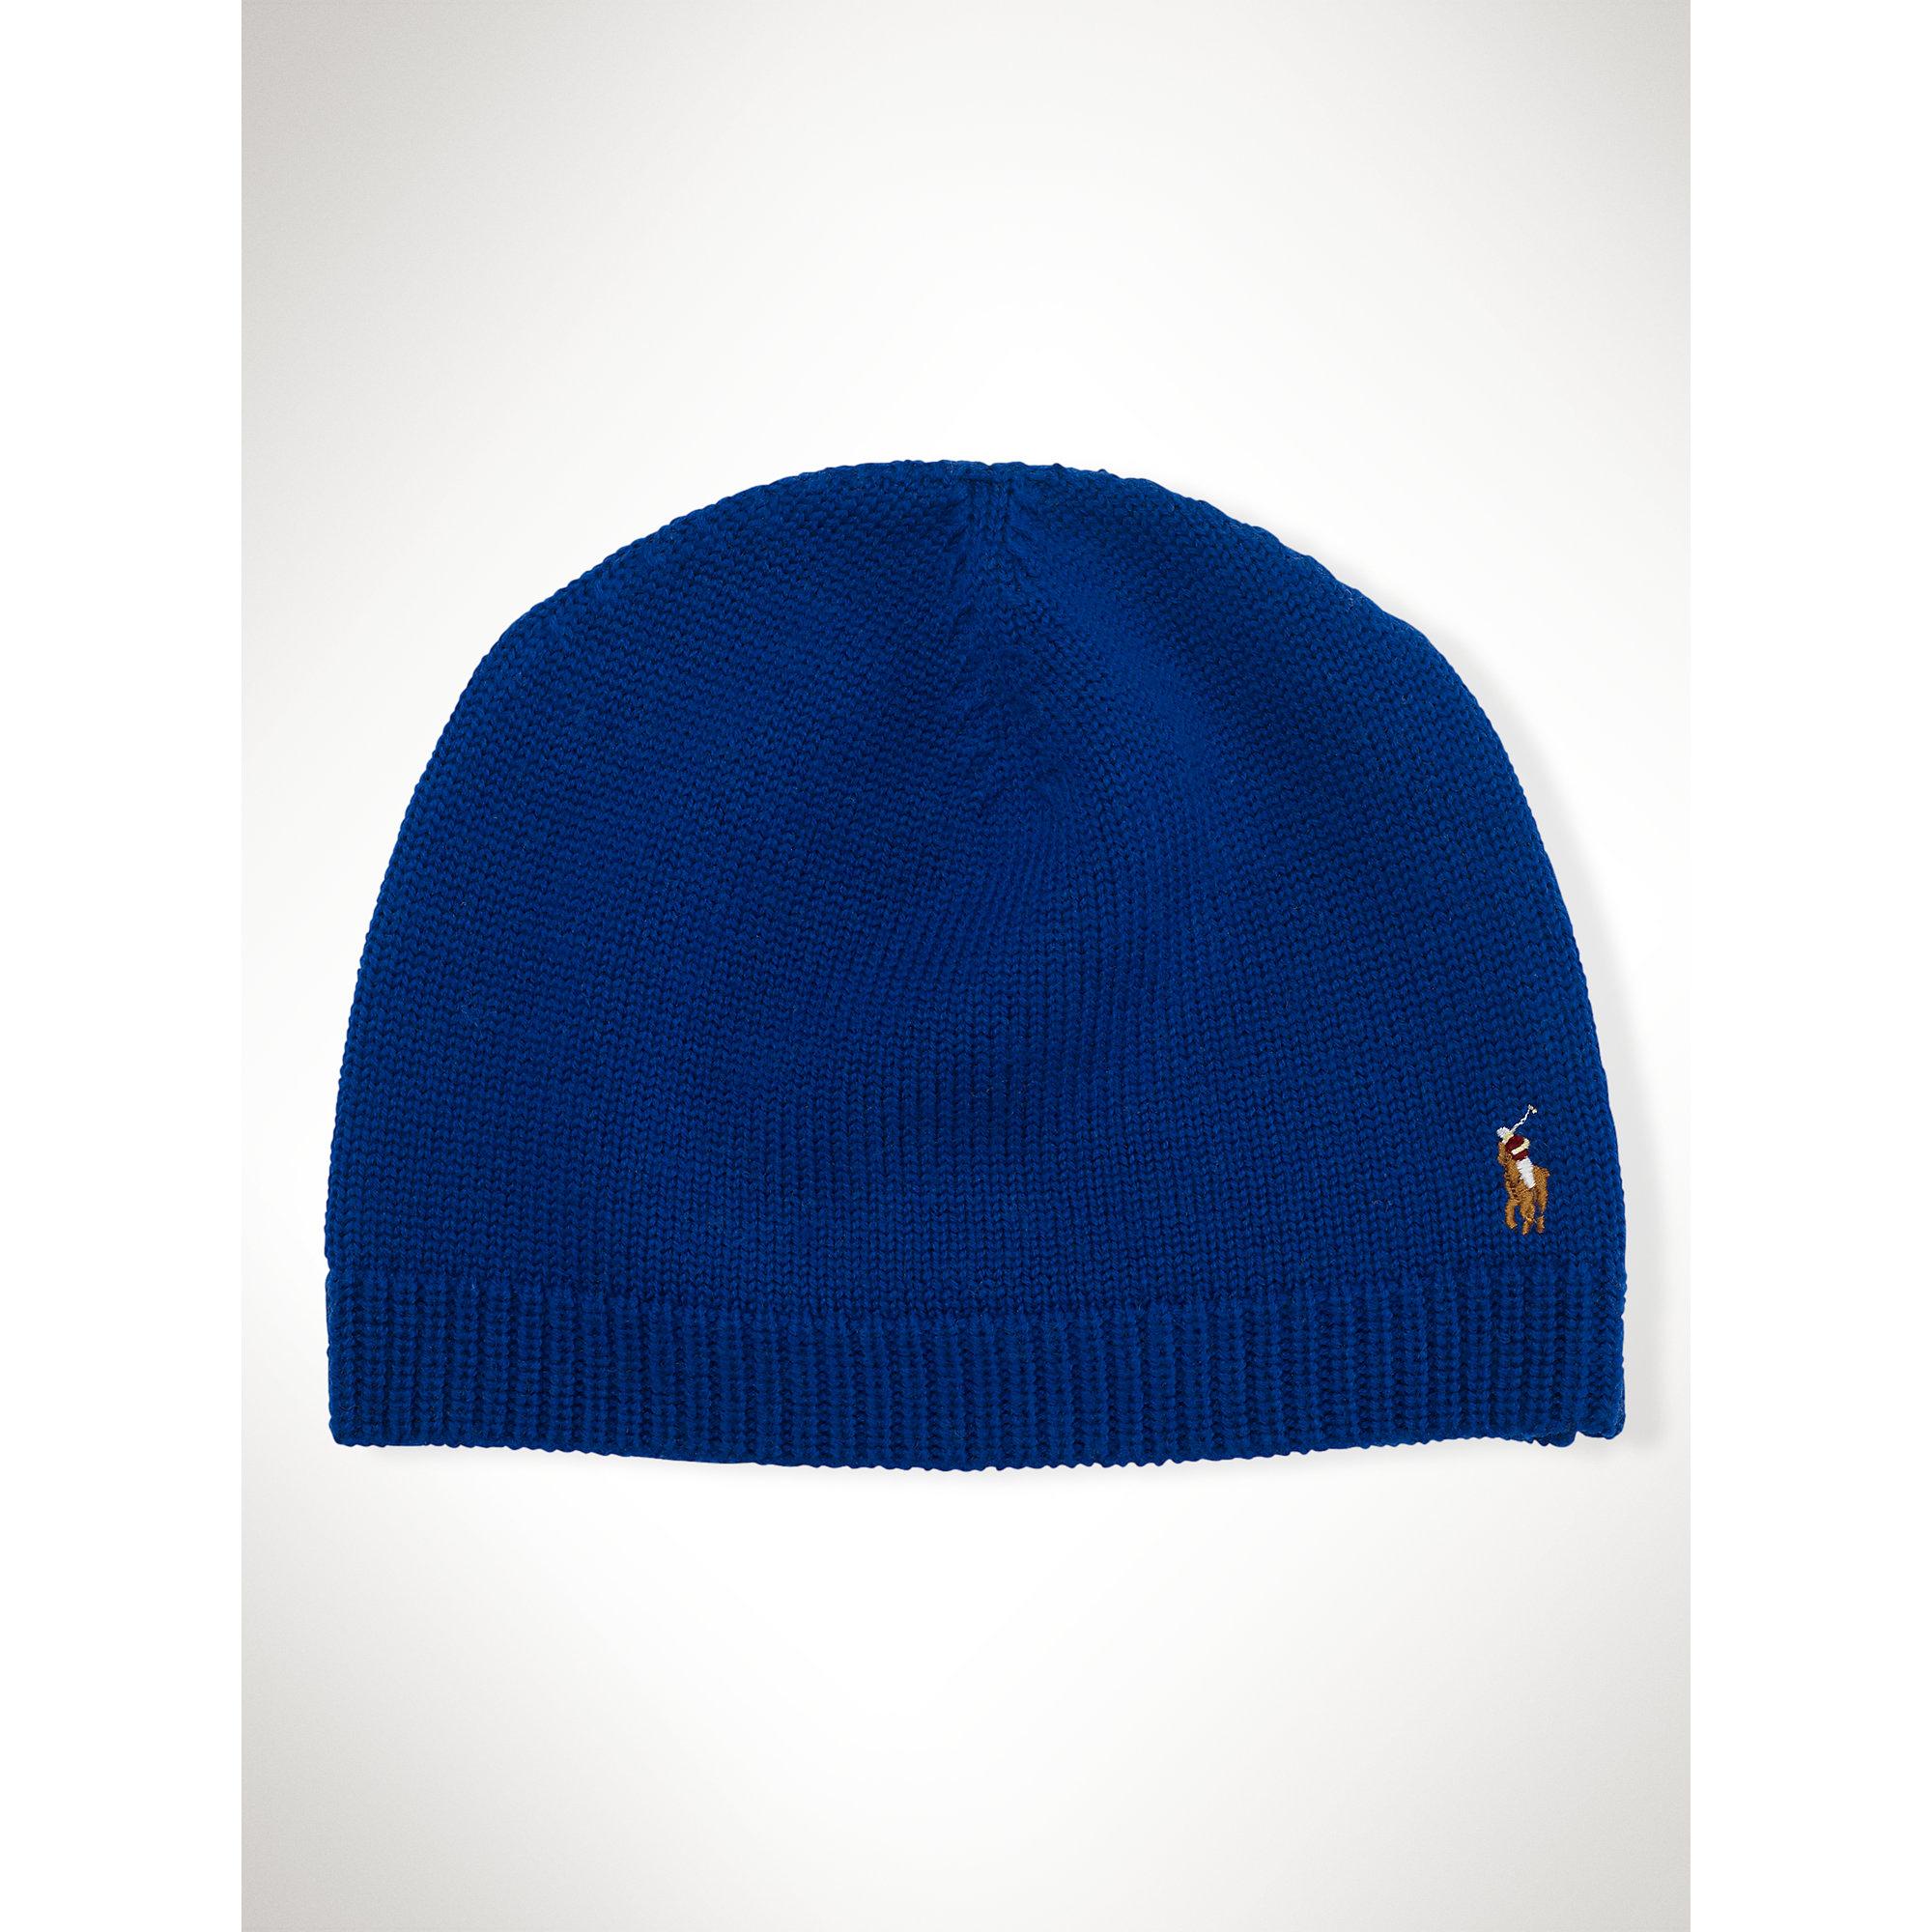 7d2fde98a3a Lyst - Polo Ralph Lauren Classic Merino Watch Cap in Blue for Men